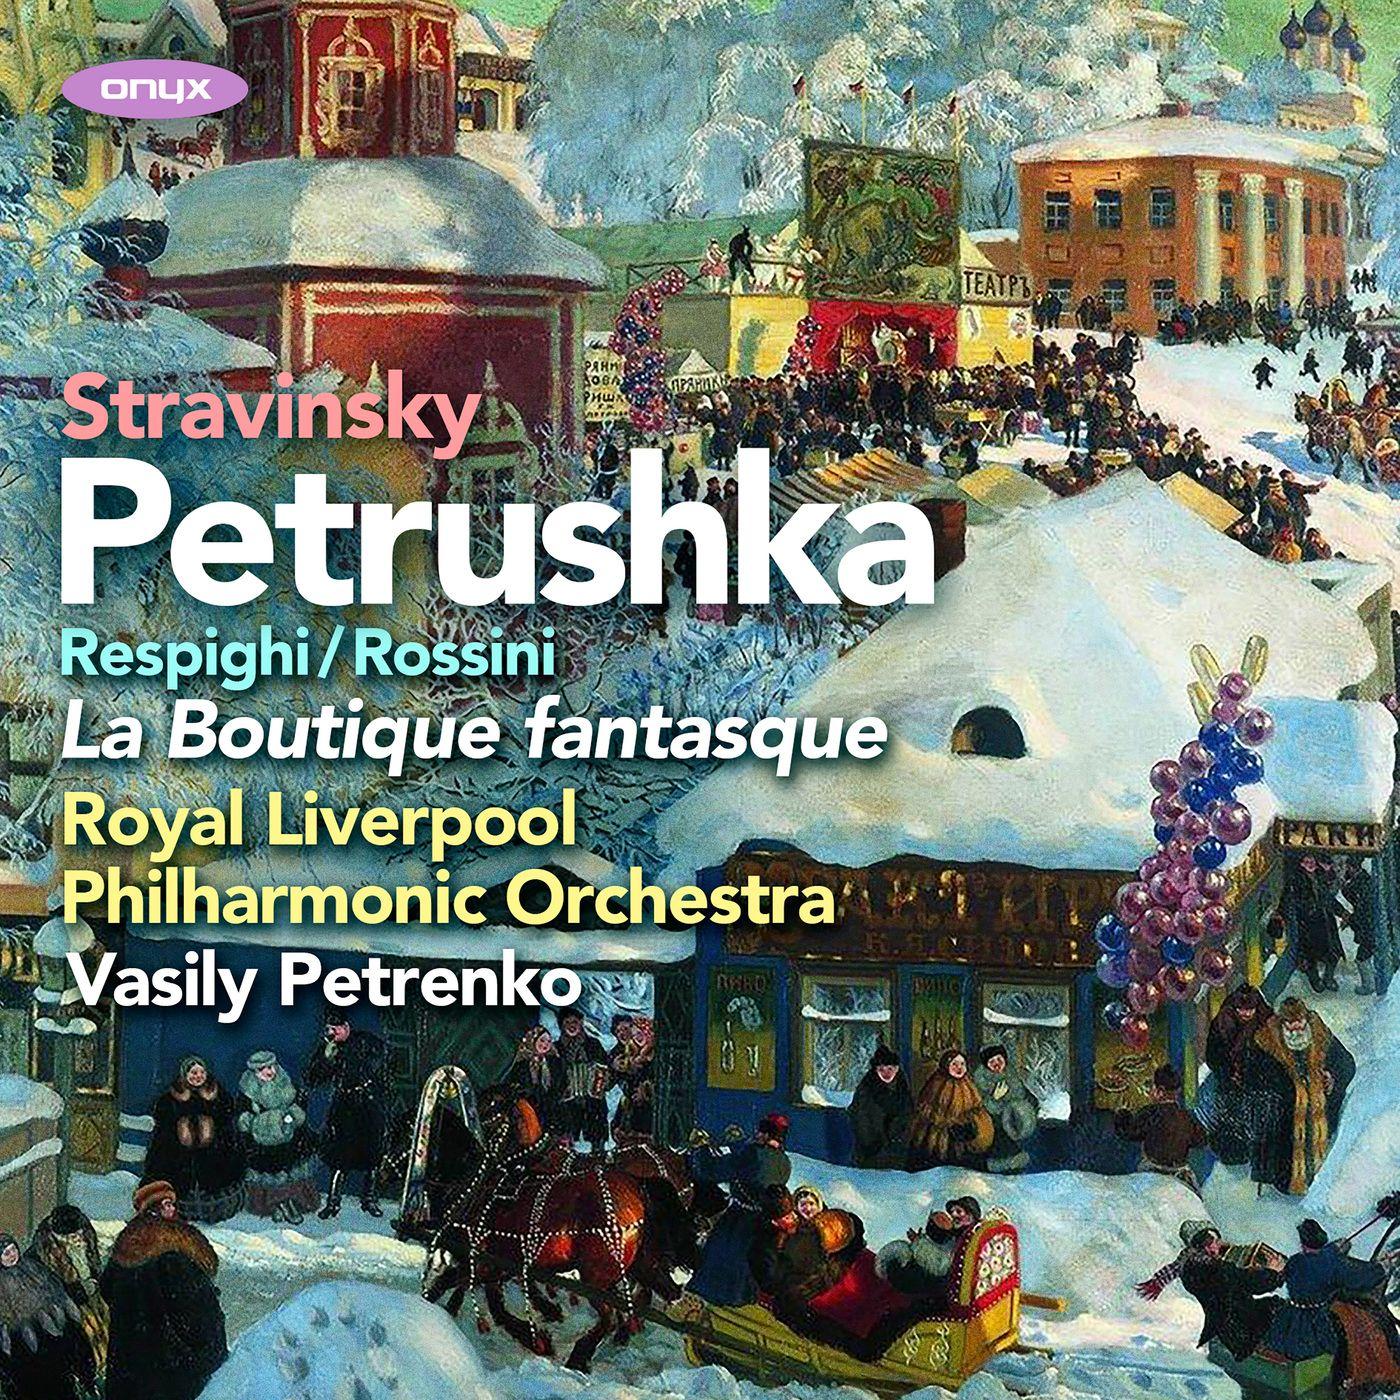 Stravinsky: Petrushka (1911 version)